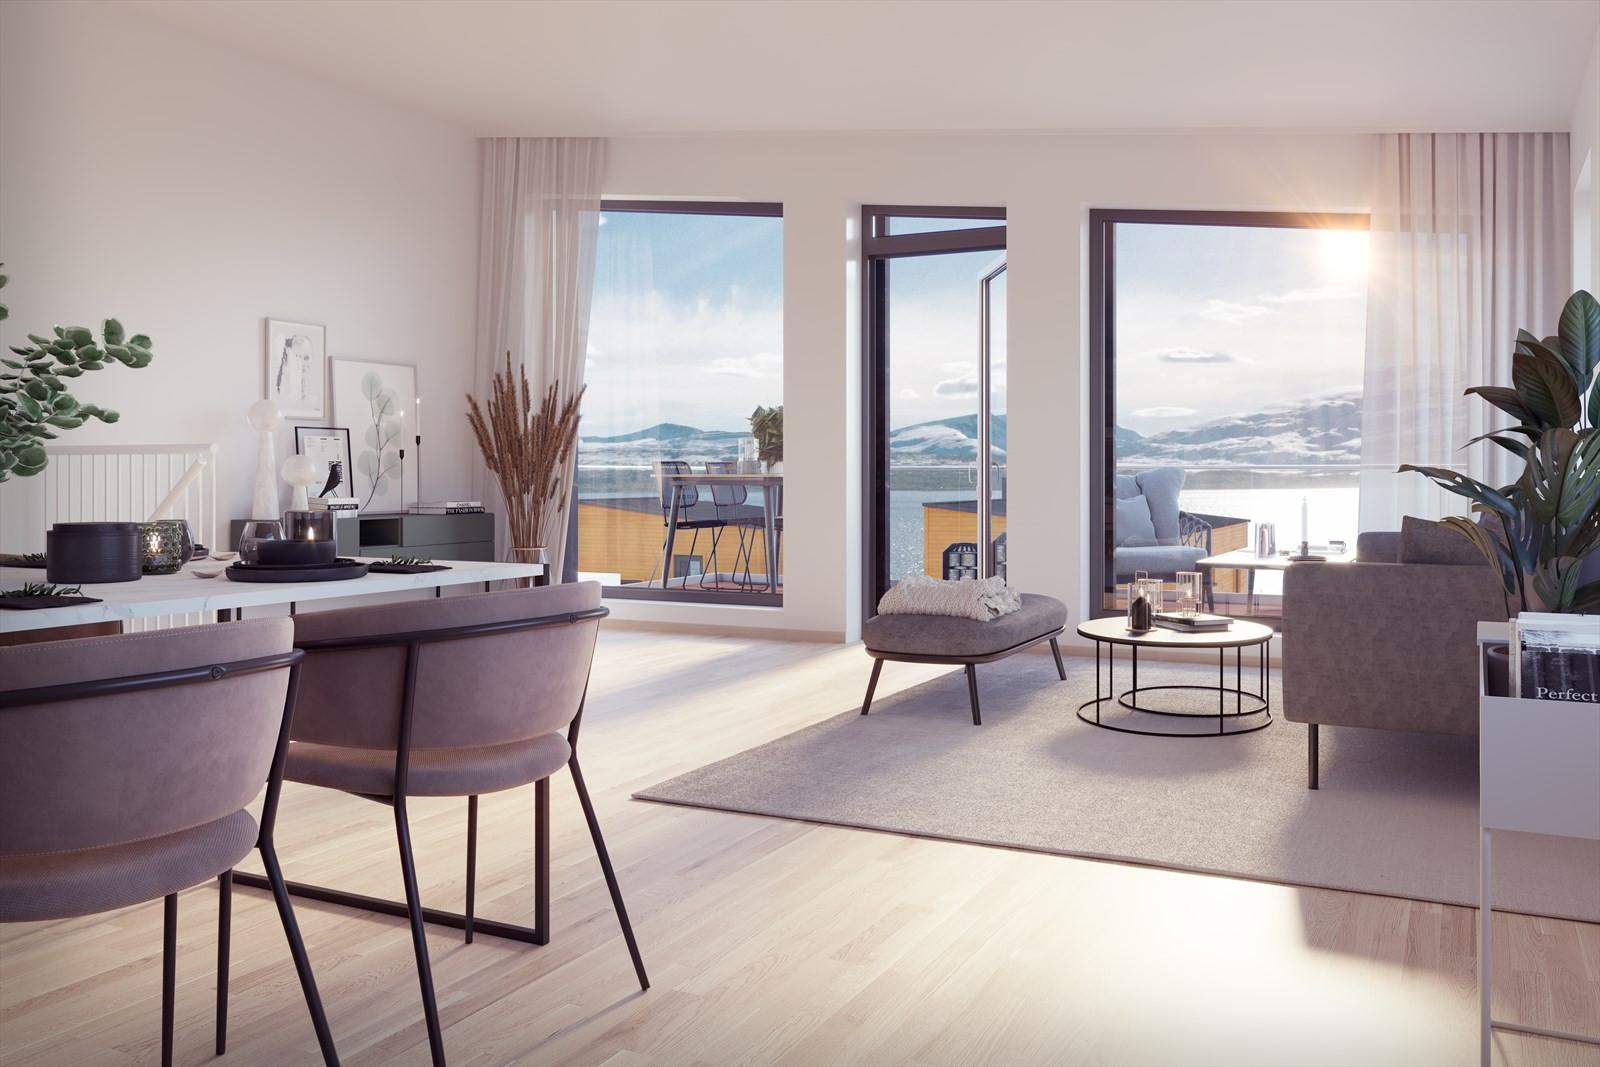 Flott åpen løsning i stue / kjøkken og store vindusflater som gir nydelig utsikt